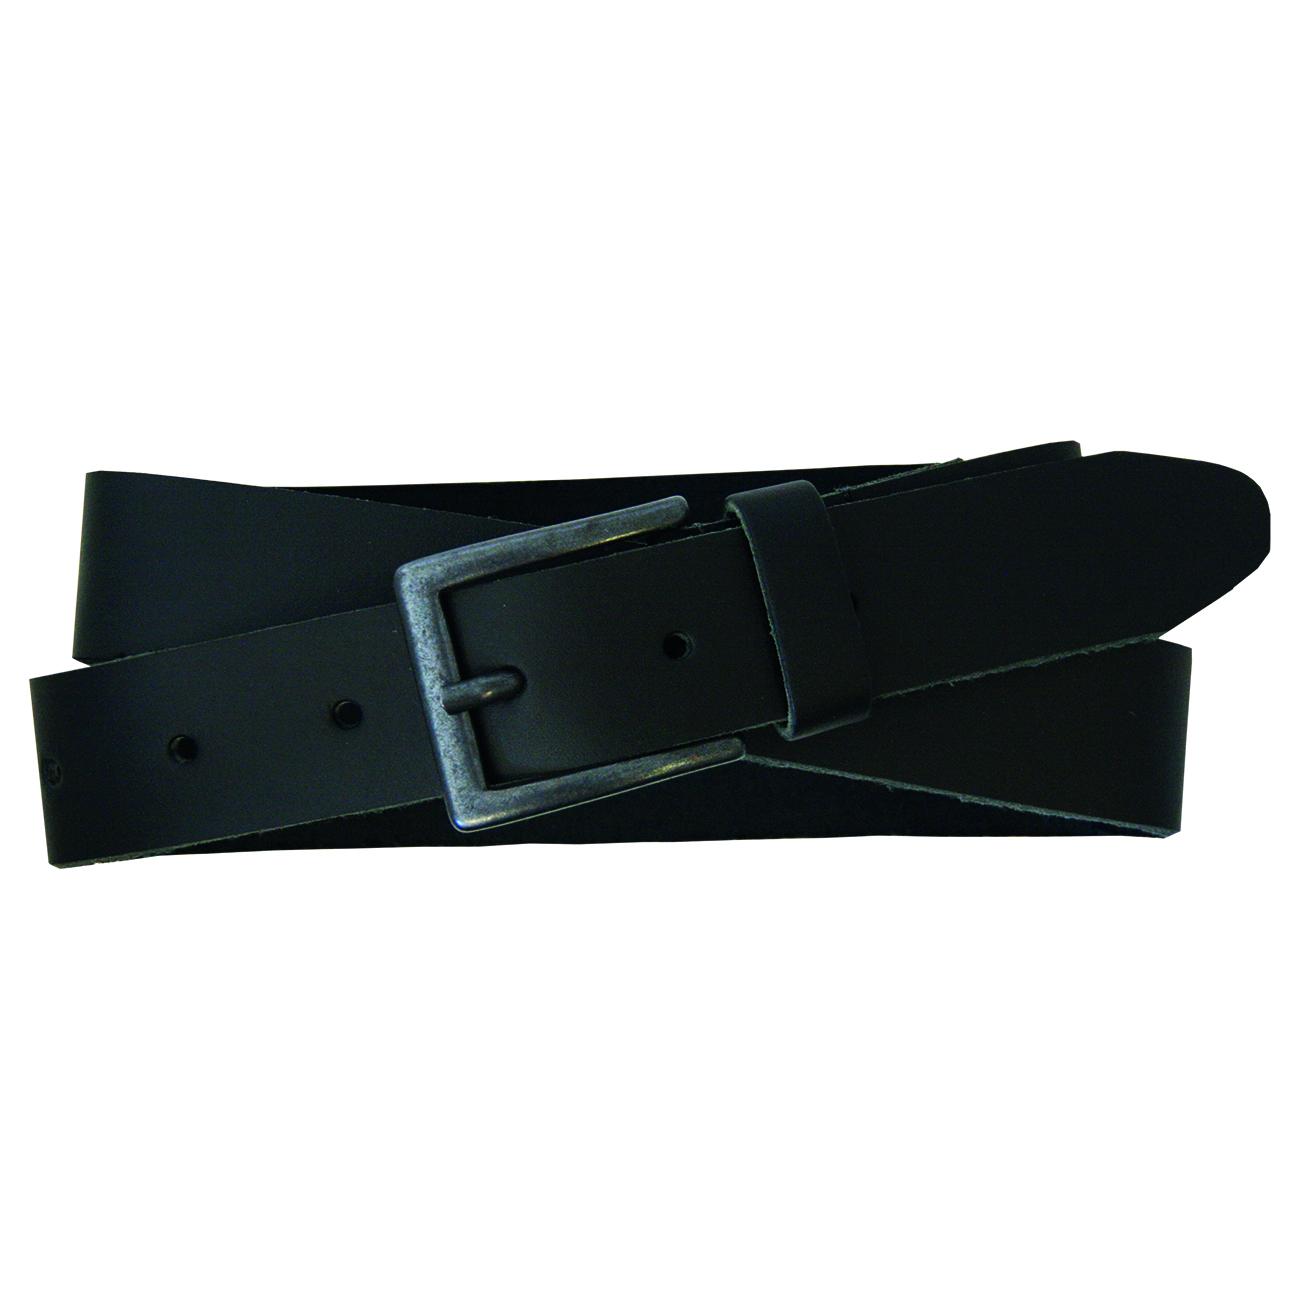 PETROL Industries Ledergürtel Leder Gürtel schwarz PE16 35909 black